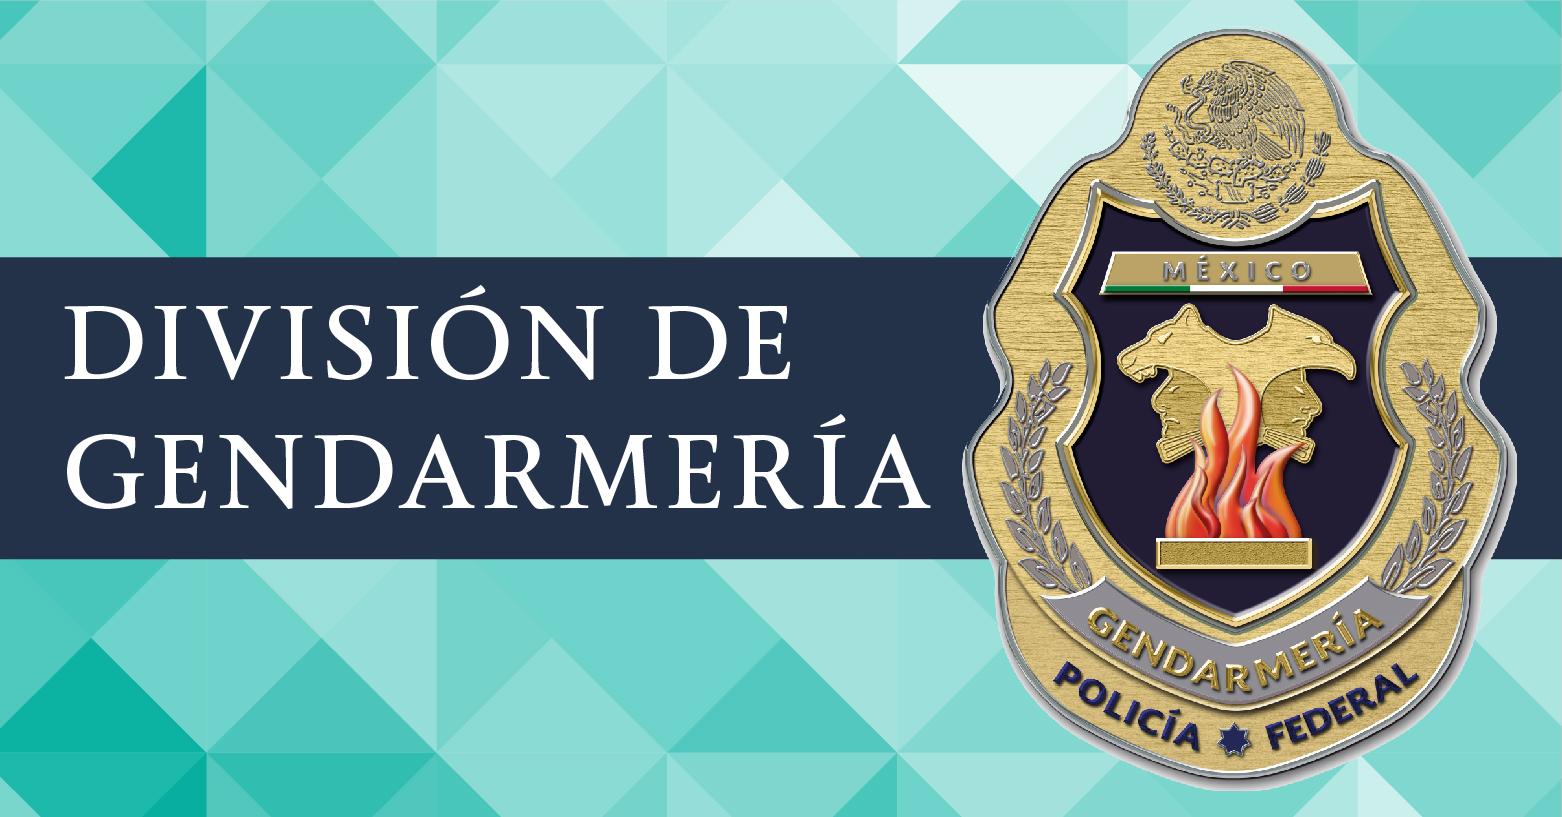 A través de la División de Gendarmería, la Policía Federal implementó un modelo de operación y gestión policial cercano a la sociedad.